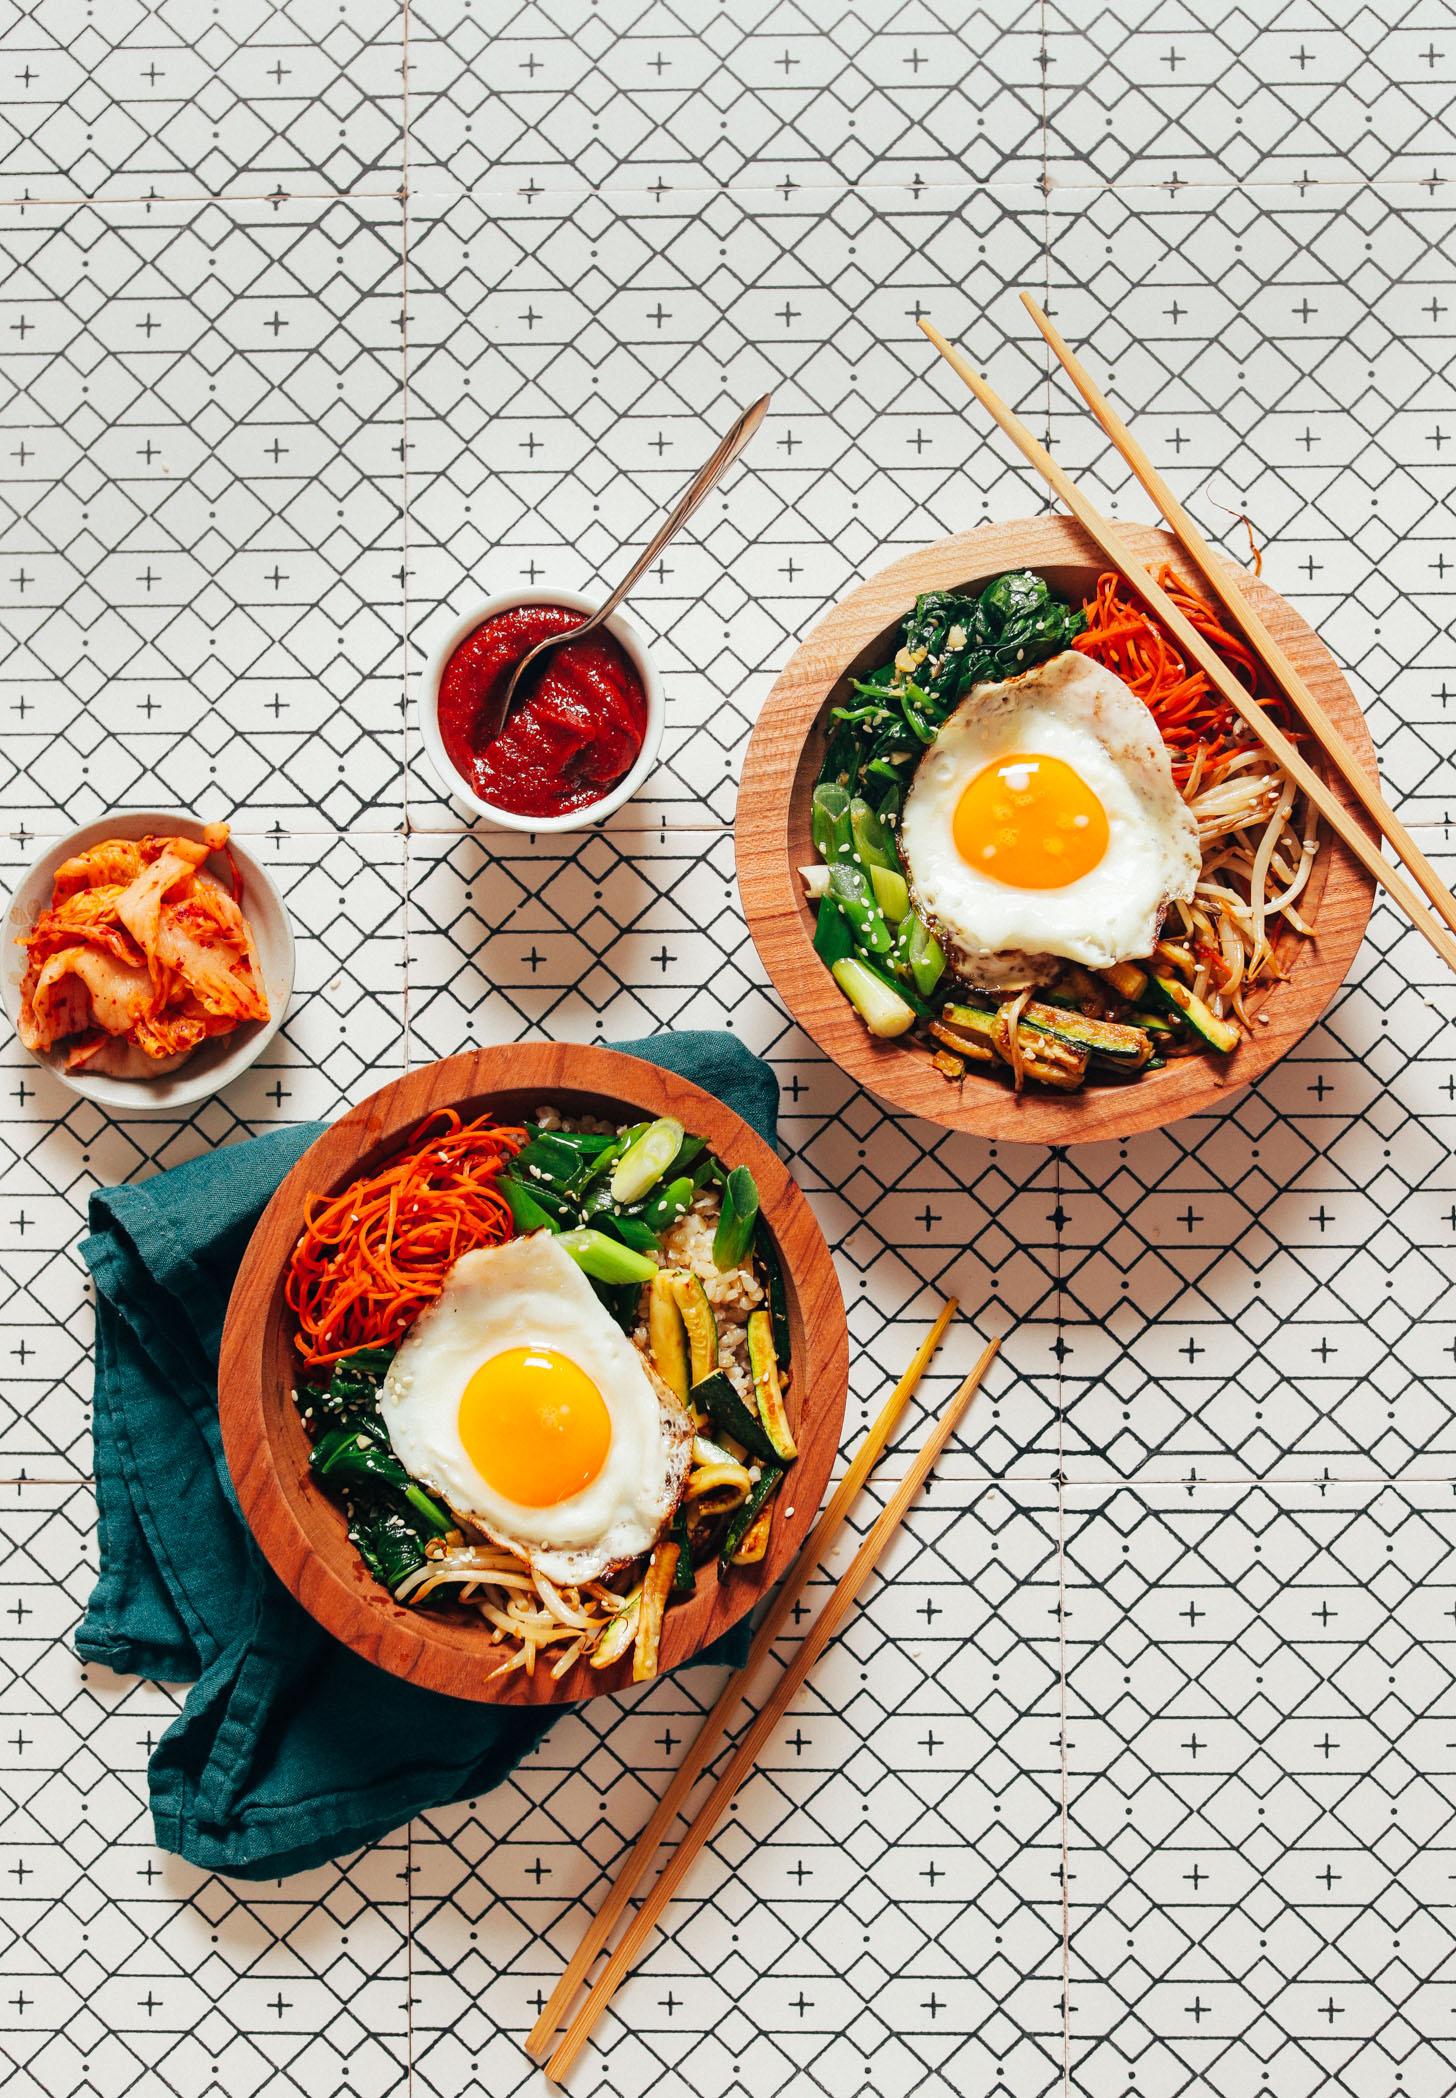 Bowls of homemade Korean Bibimbap with kimchi and Gochujang sauce